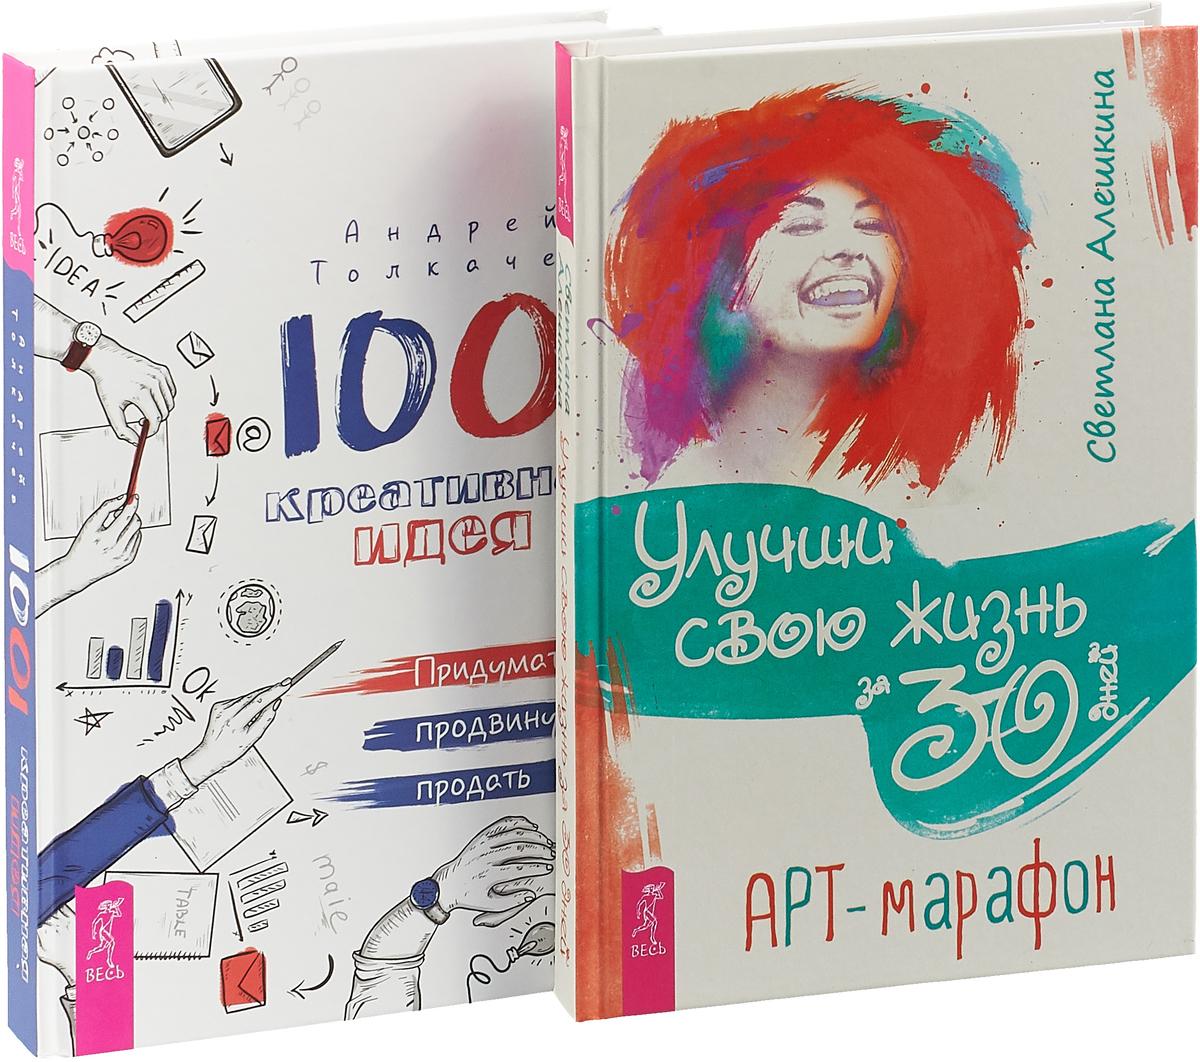 Книга 1001 креативная идея. Улучши свою жизнь